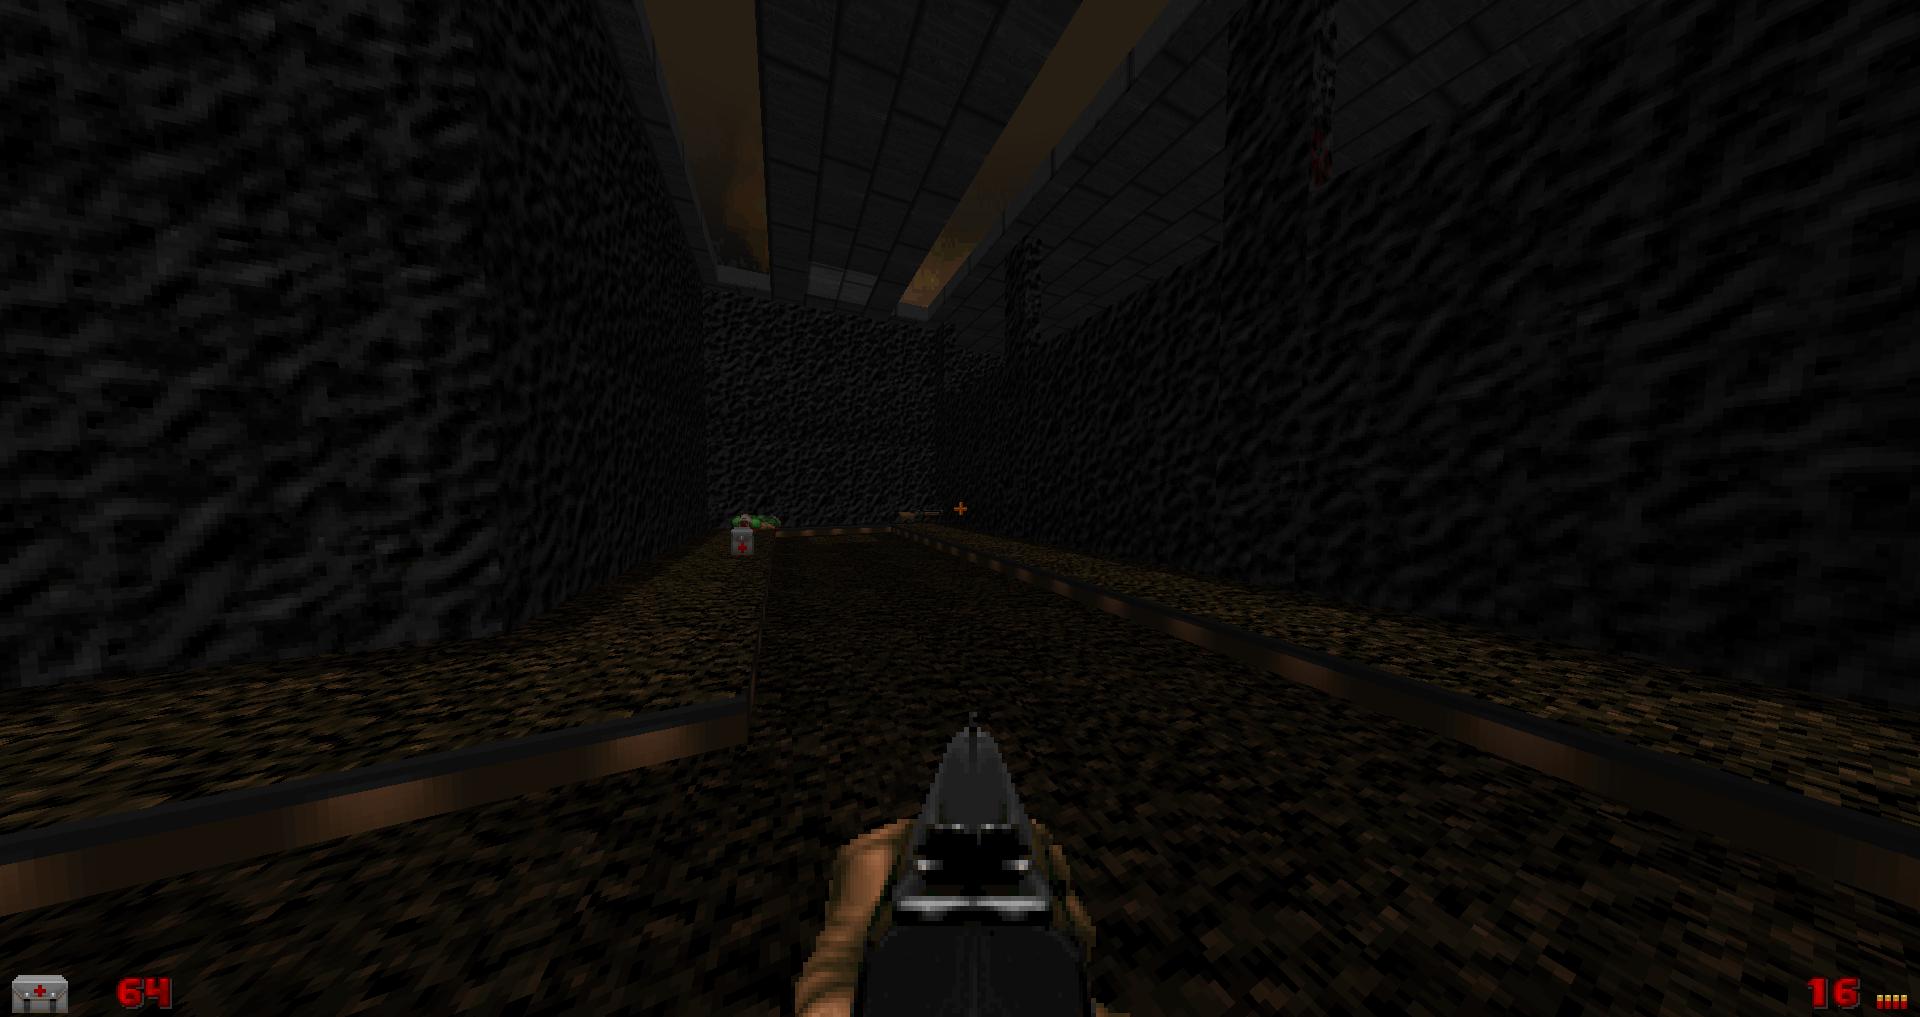 Screenshot_Doom_20200521_124316.png.4815912a86bdb8f706c278060cd7bd8e.png